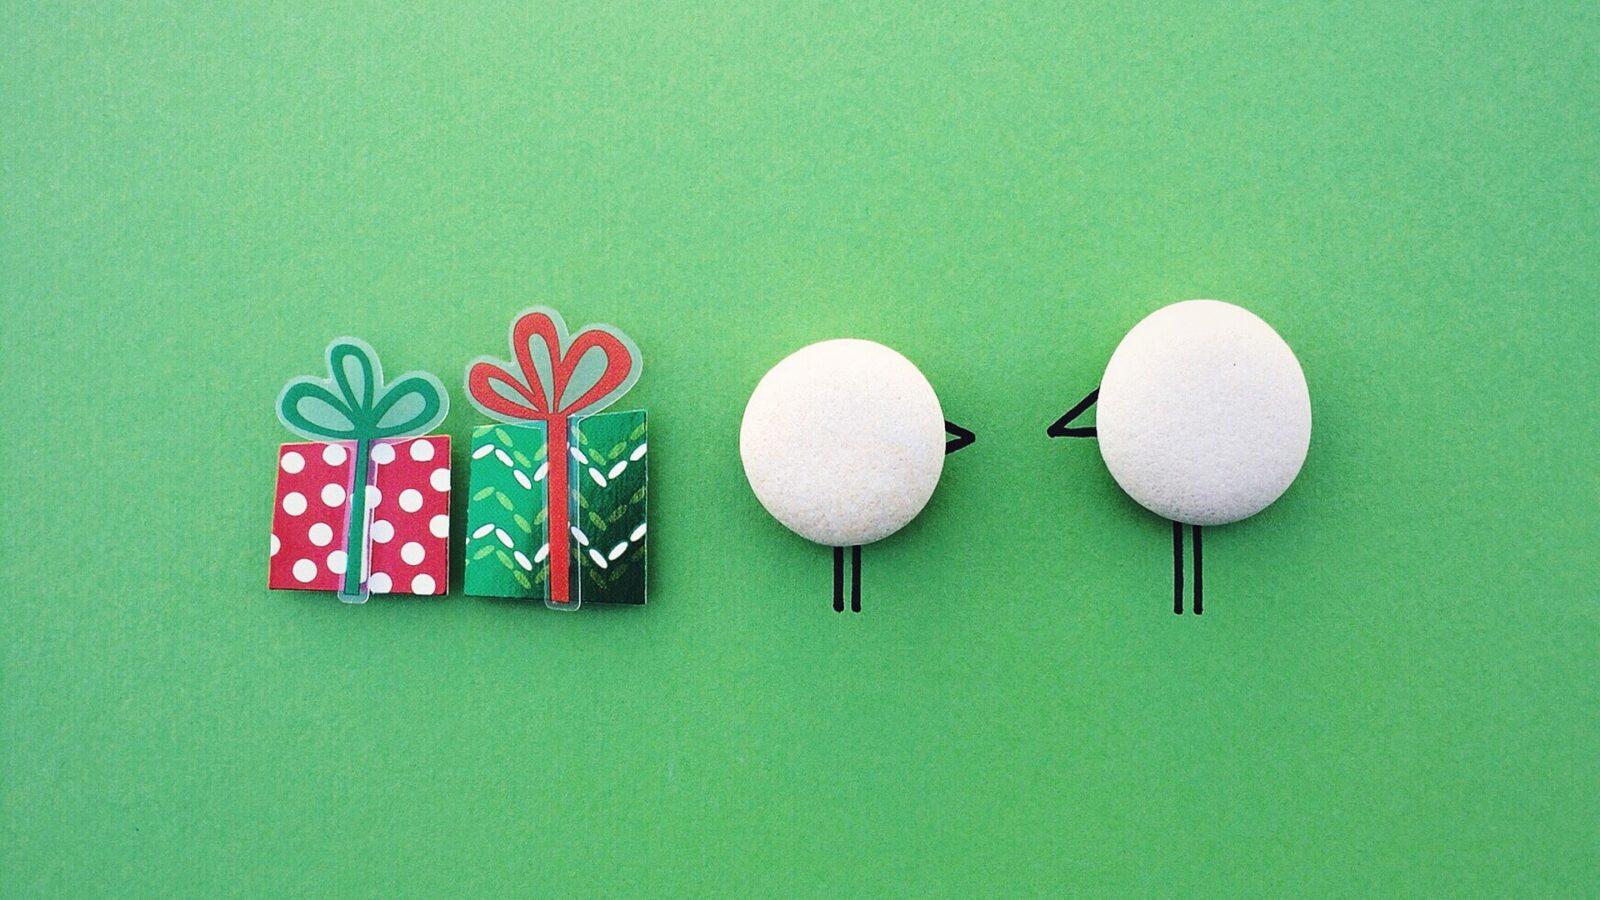 Un Buon Natale sostenibile